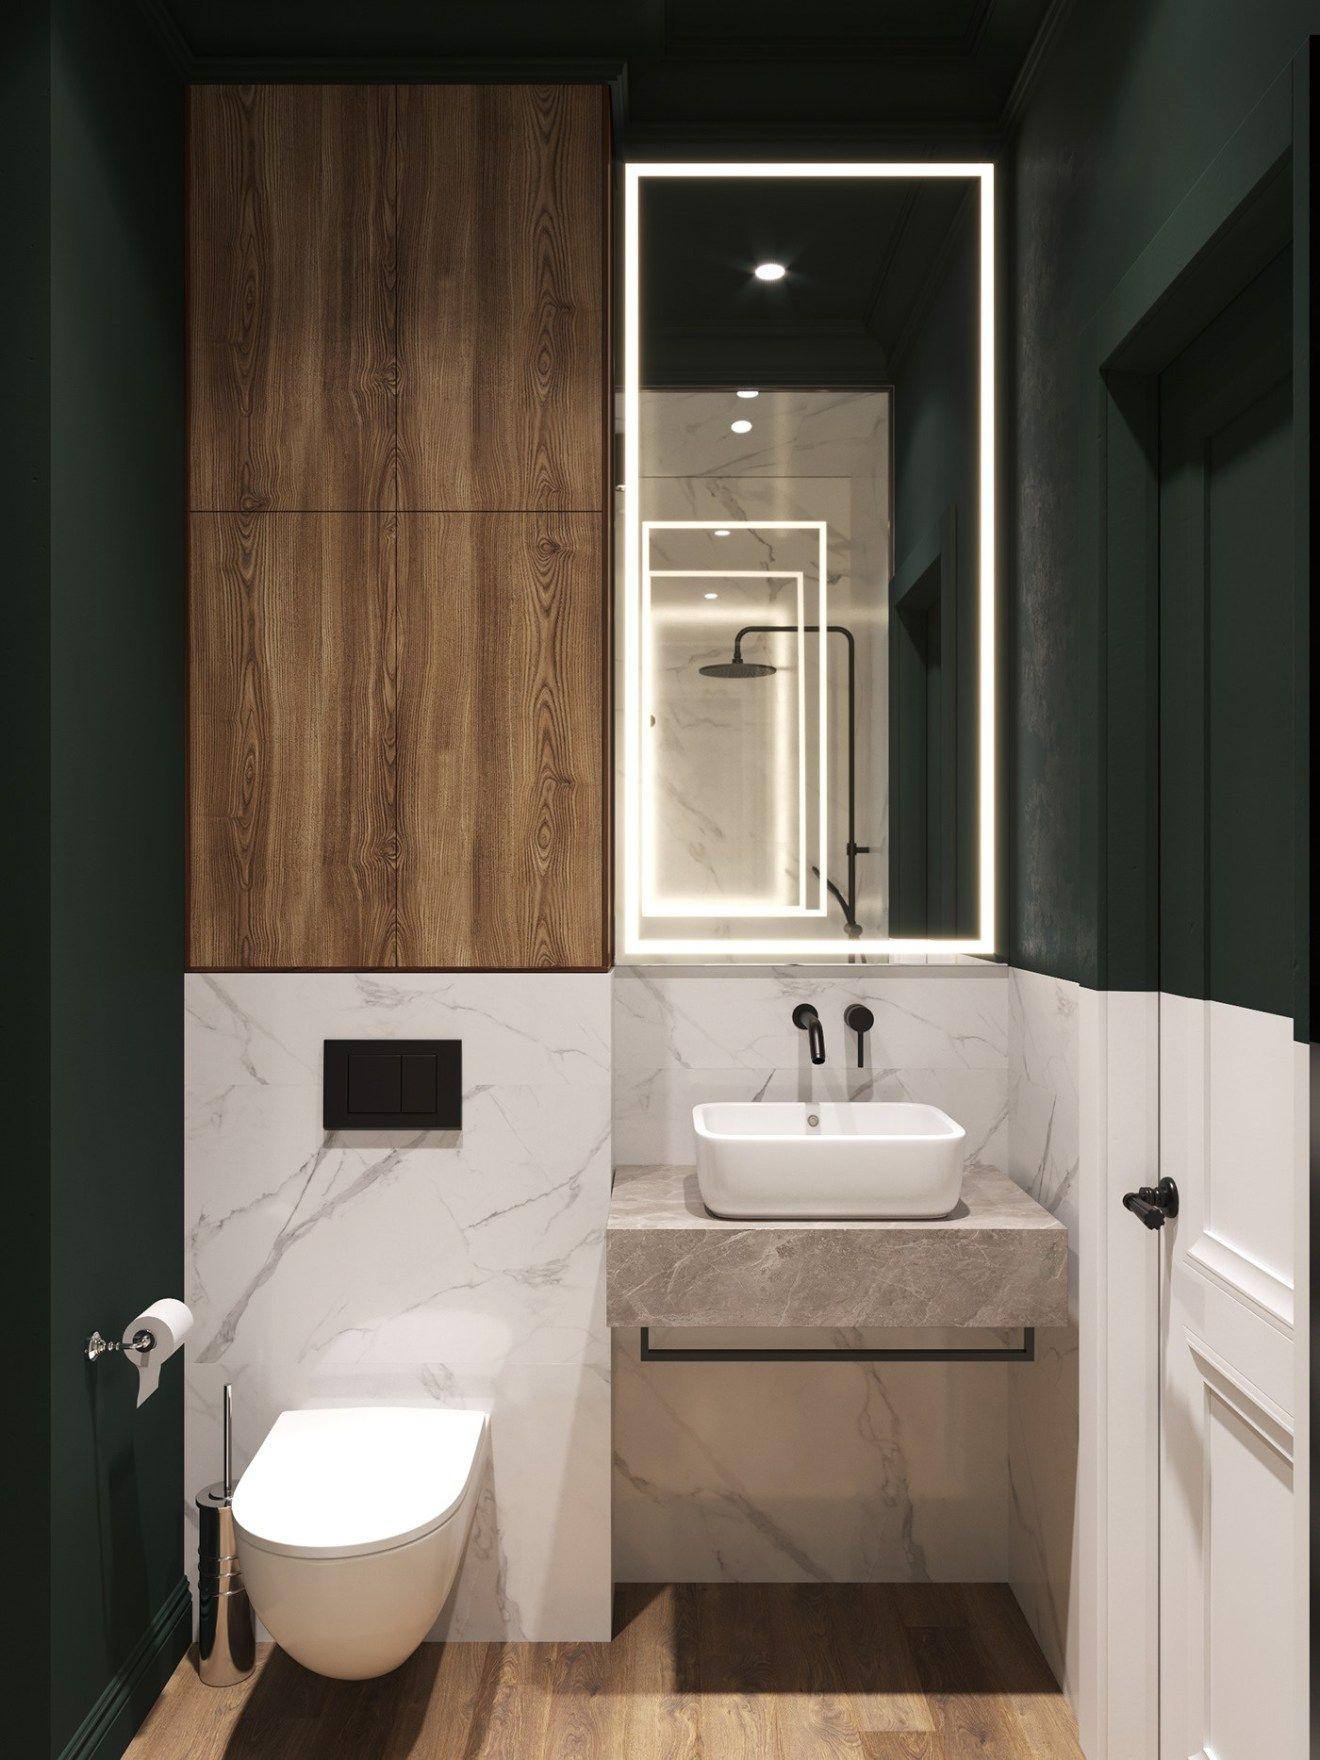 Un appartement classique chic par Cartelle Design  Toilette